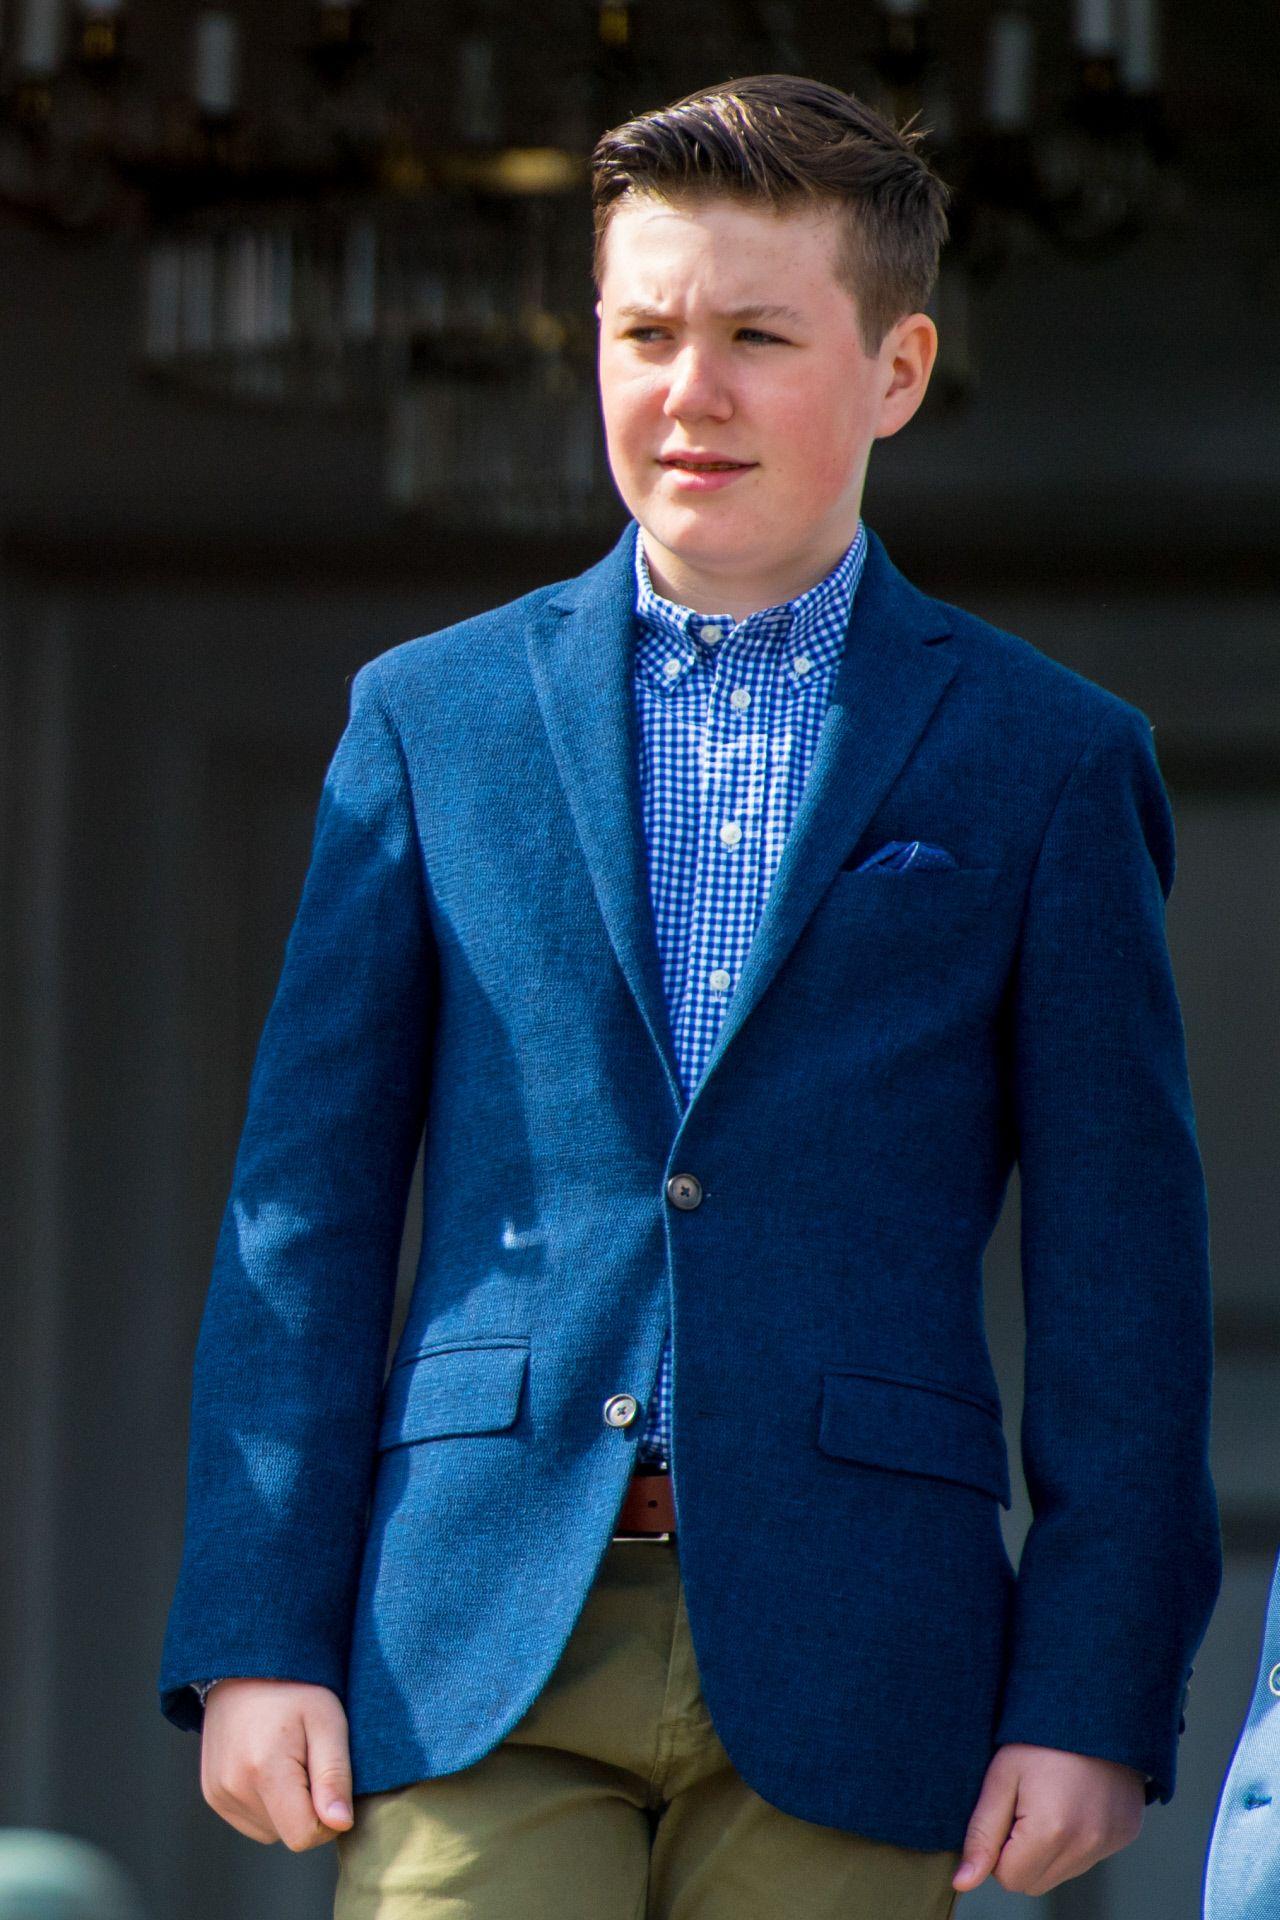 El príncipe Christian se ha convertido en un tierno adolescente